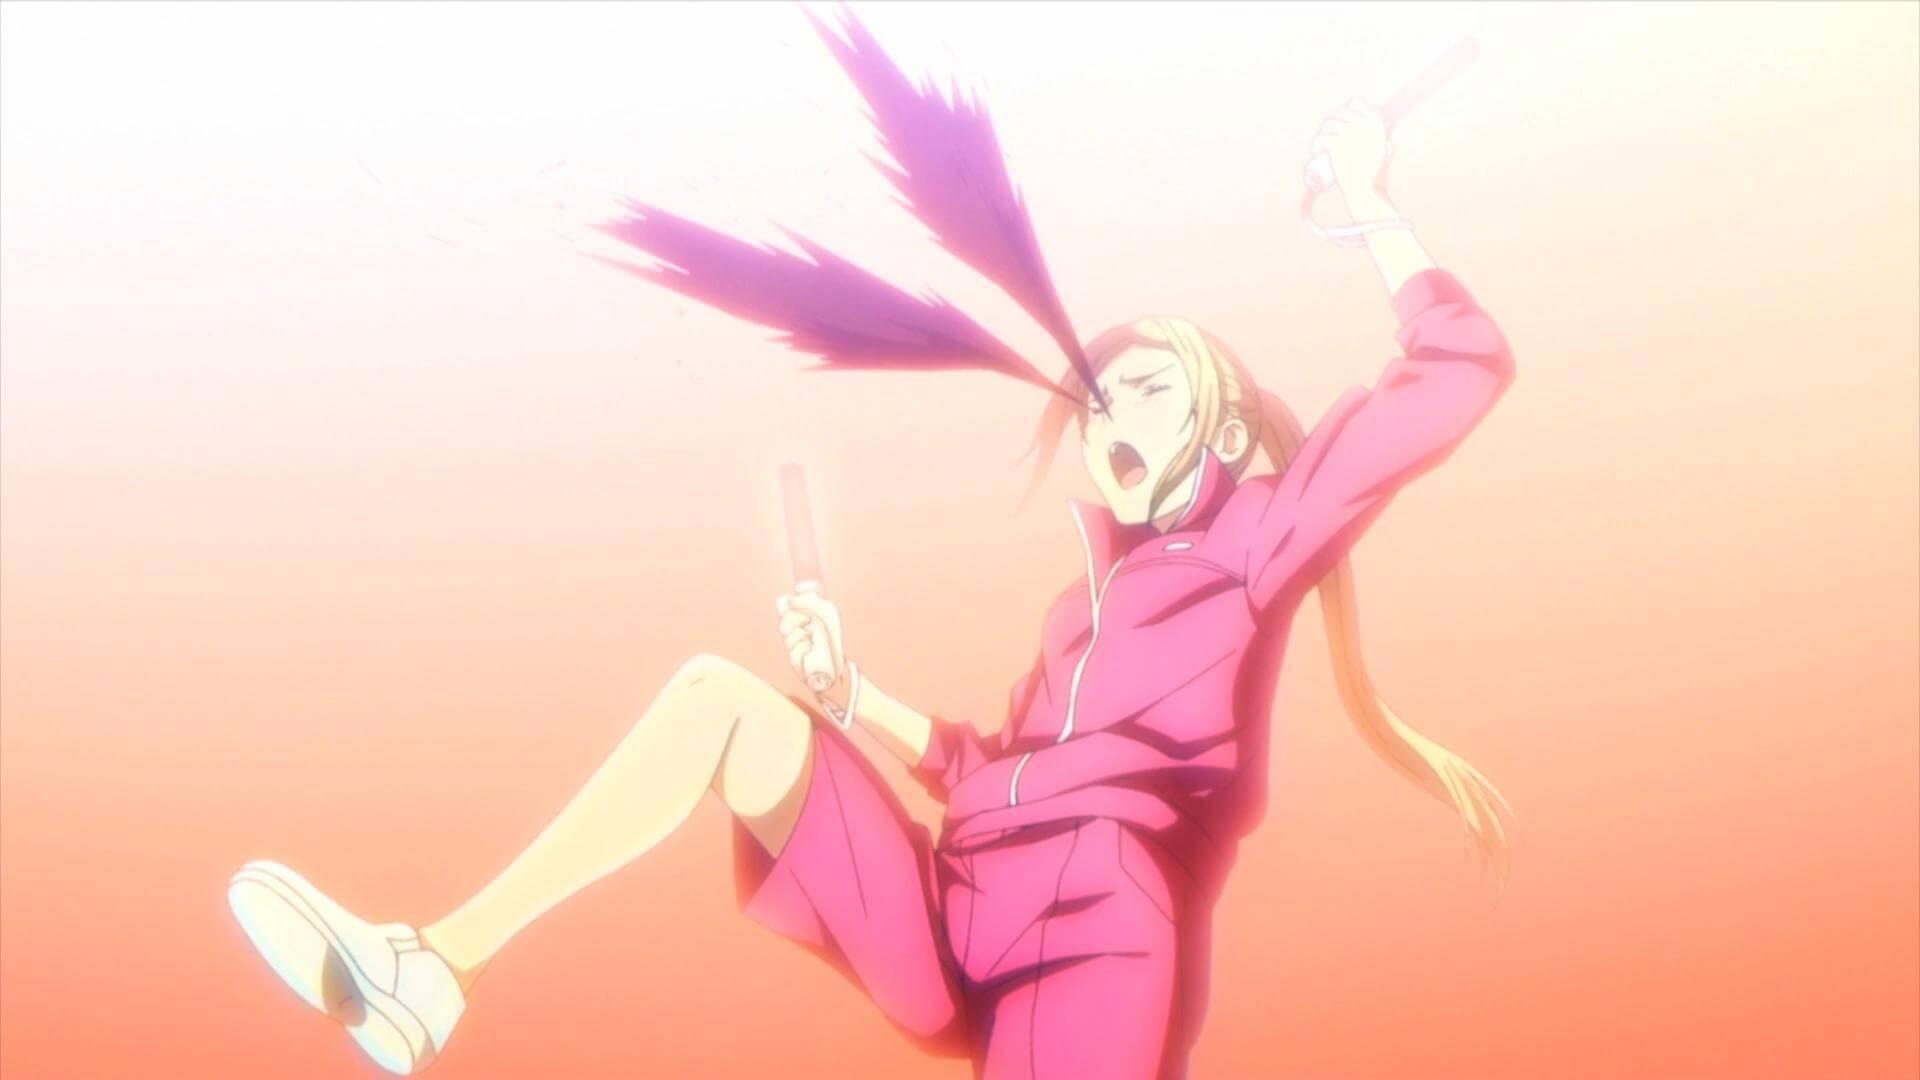 新作『エデン』に『映像研』に『バイオハザード』!Netflixアニメ5月の配信ラインナップが公開 art210423_netflix_anime_8